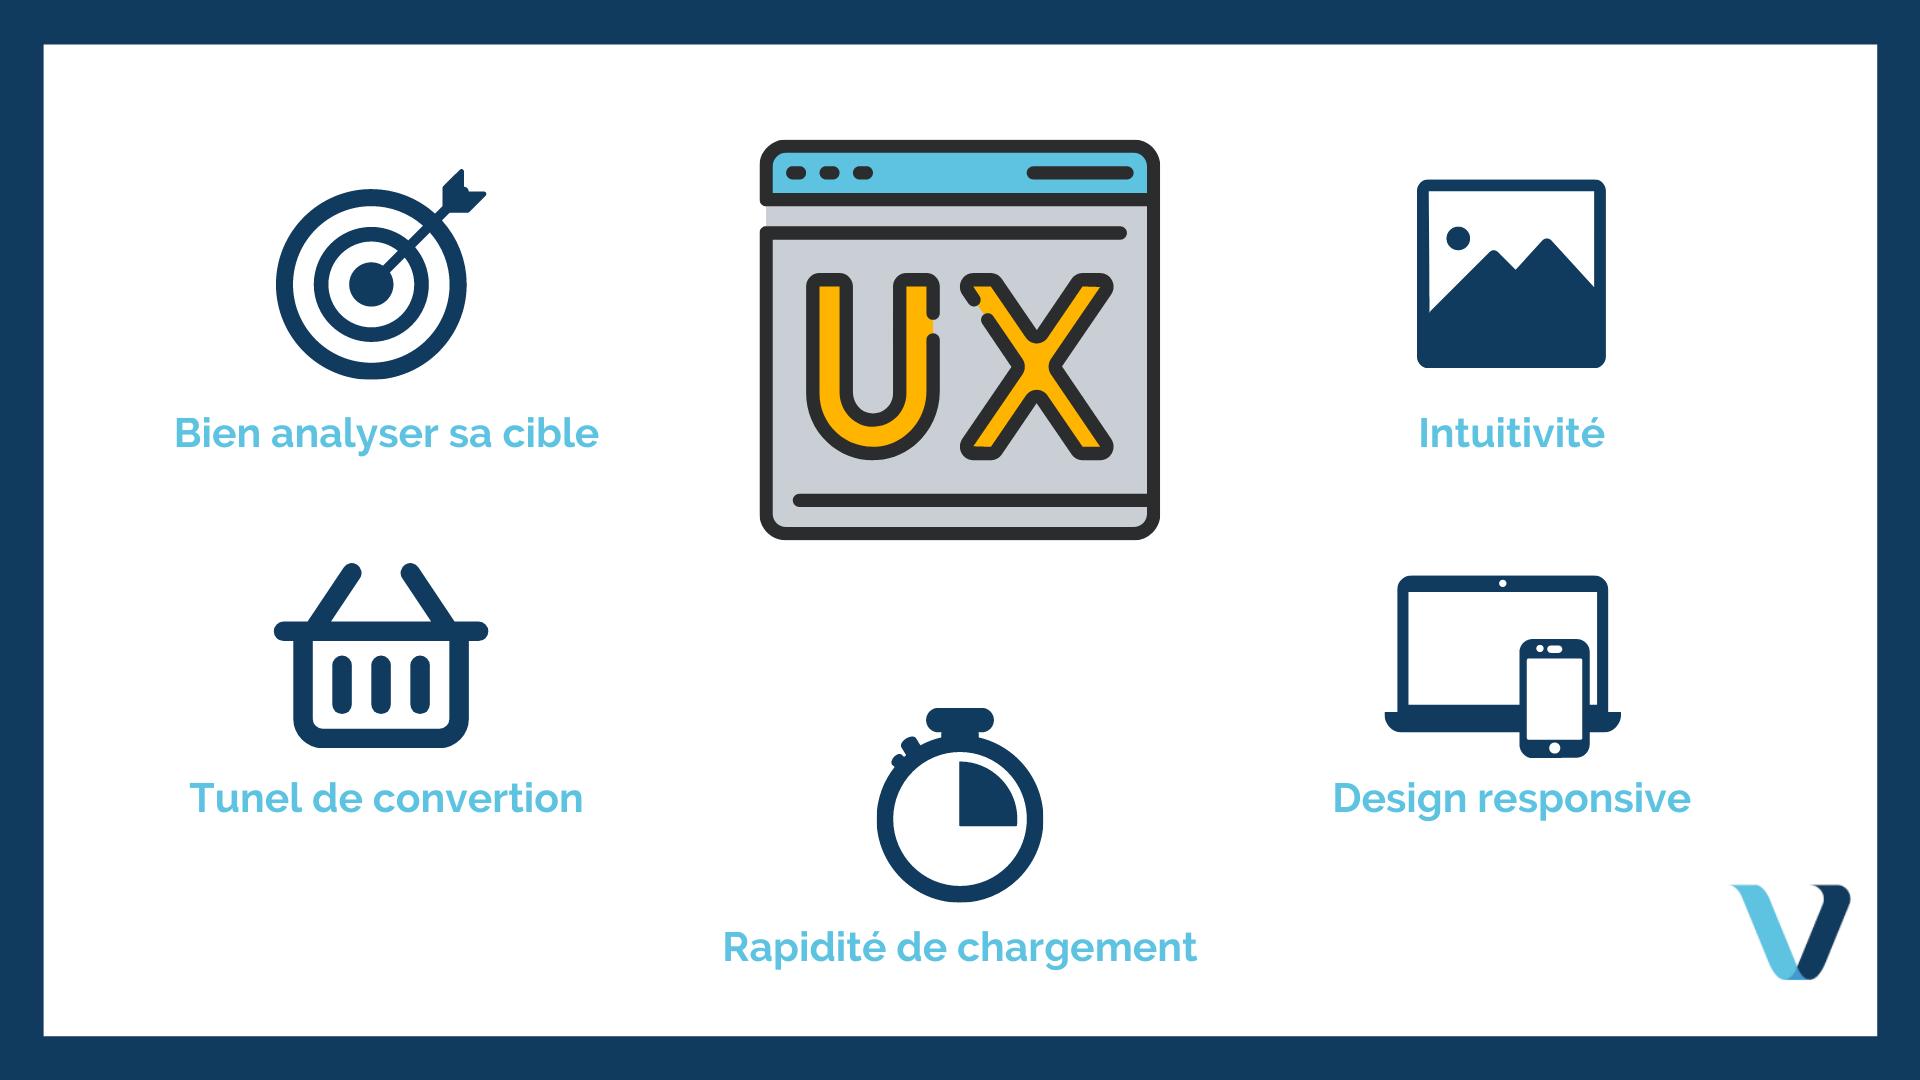 Expérience utilisateur : Optimisez votre design pour convertir plus